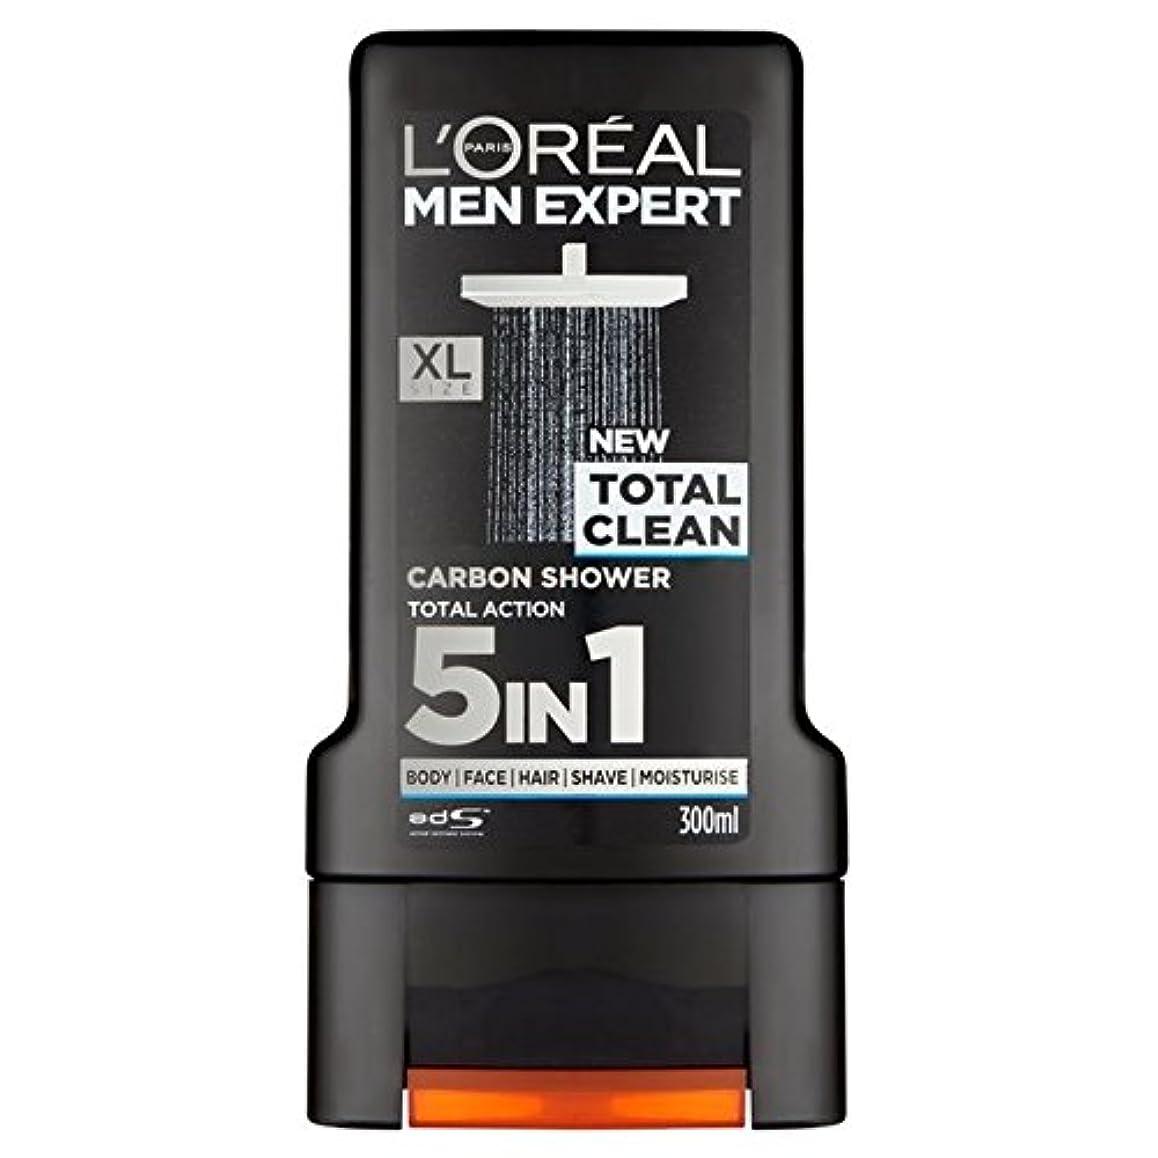 ブラシ表現応援するL'Oreal Paris Men Expert Total Clean Shower Gel 300ml - ロレアルパリのメンズ専門トータルクリーンシャワージェル300ミリリットル [並行輸入品]